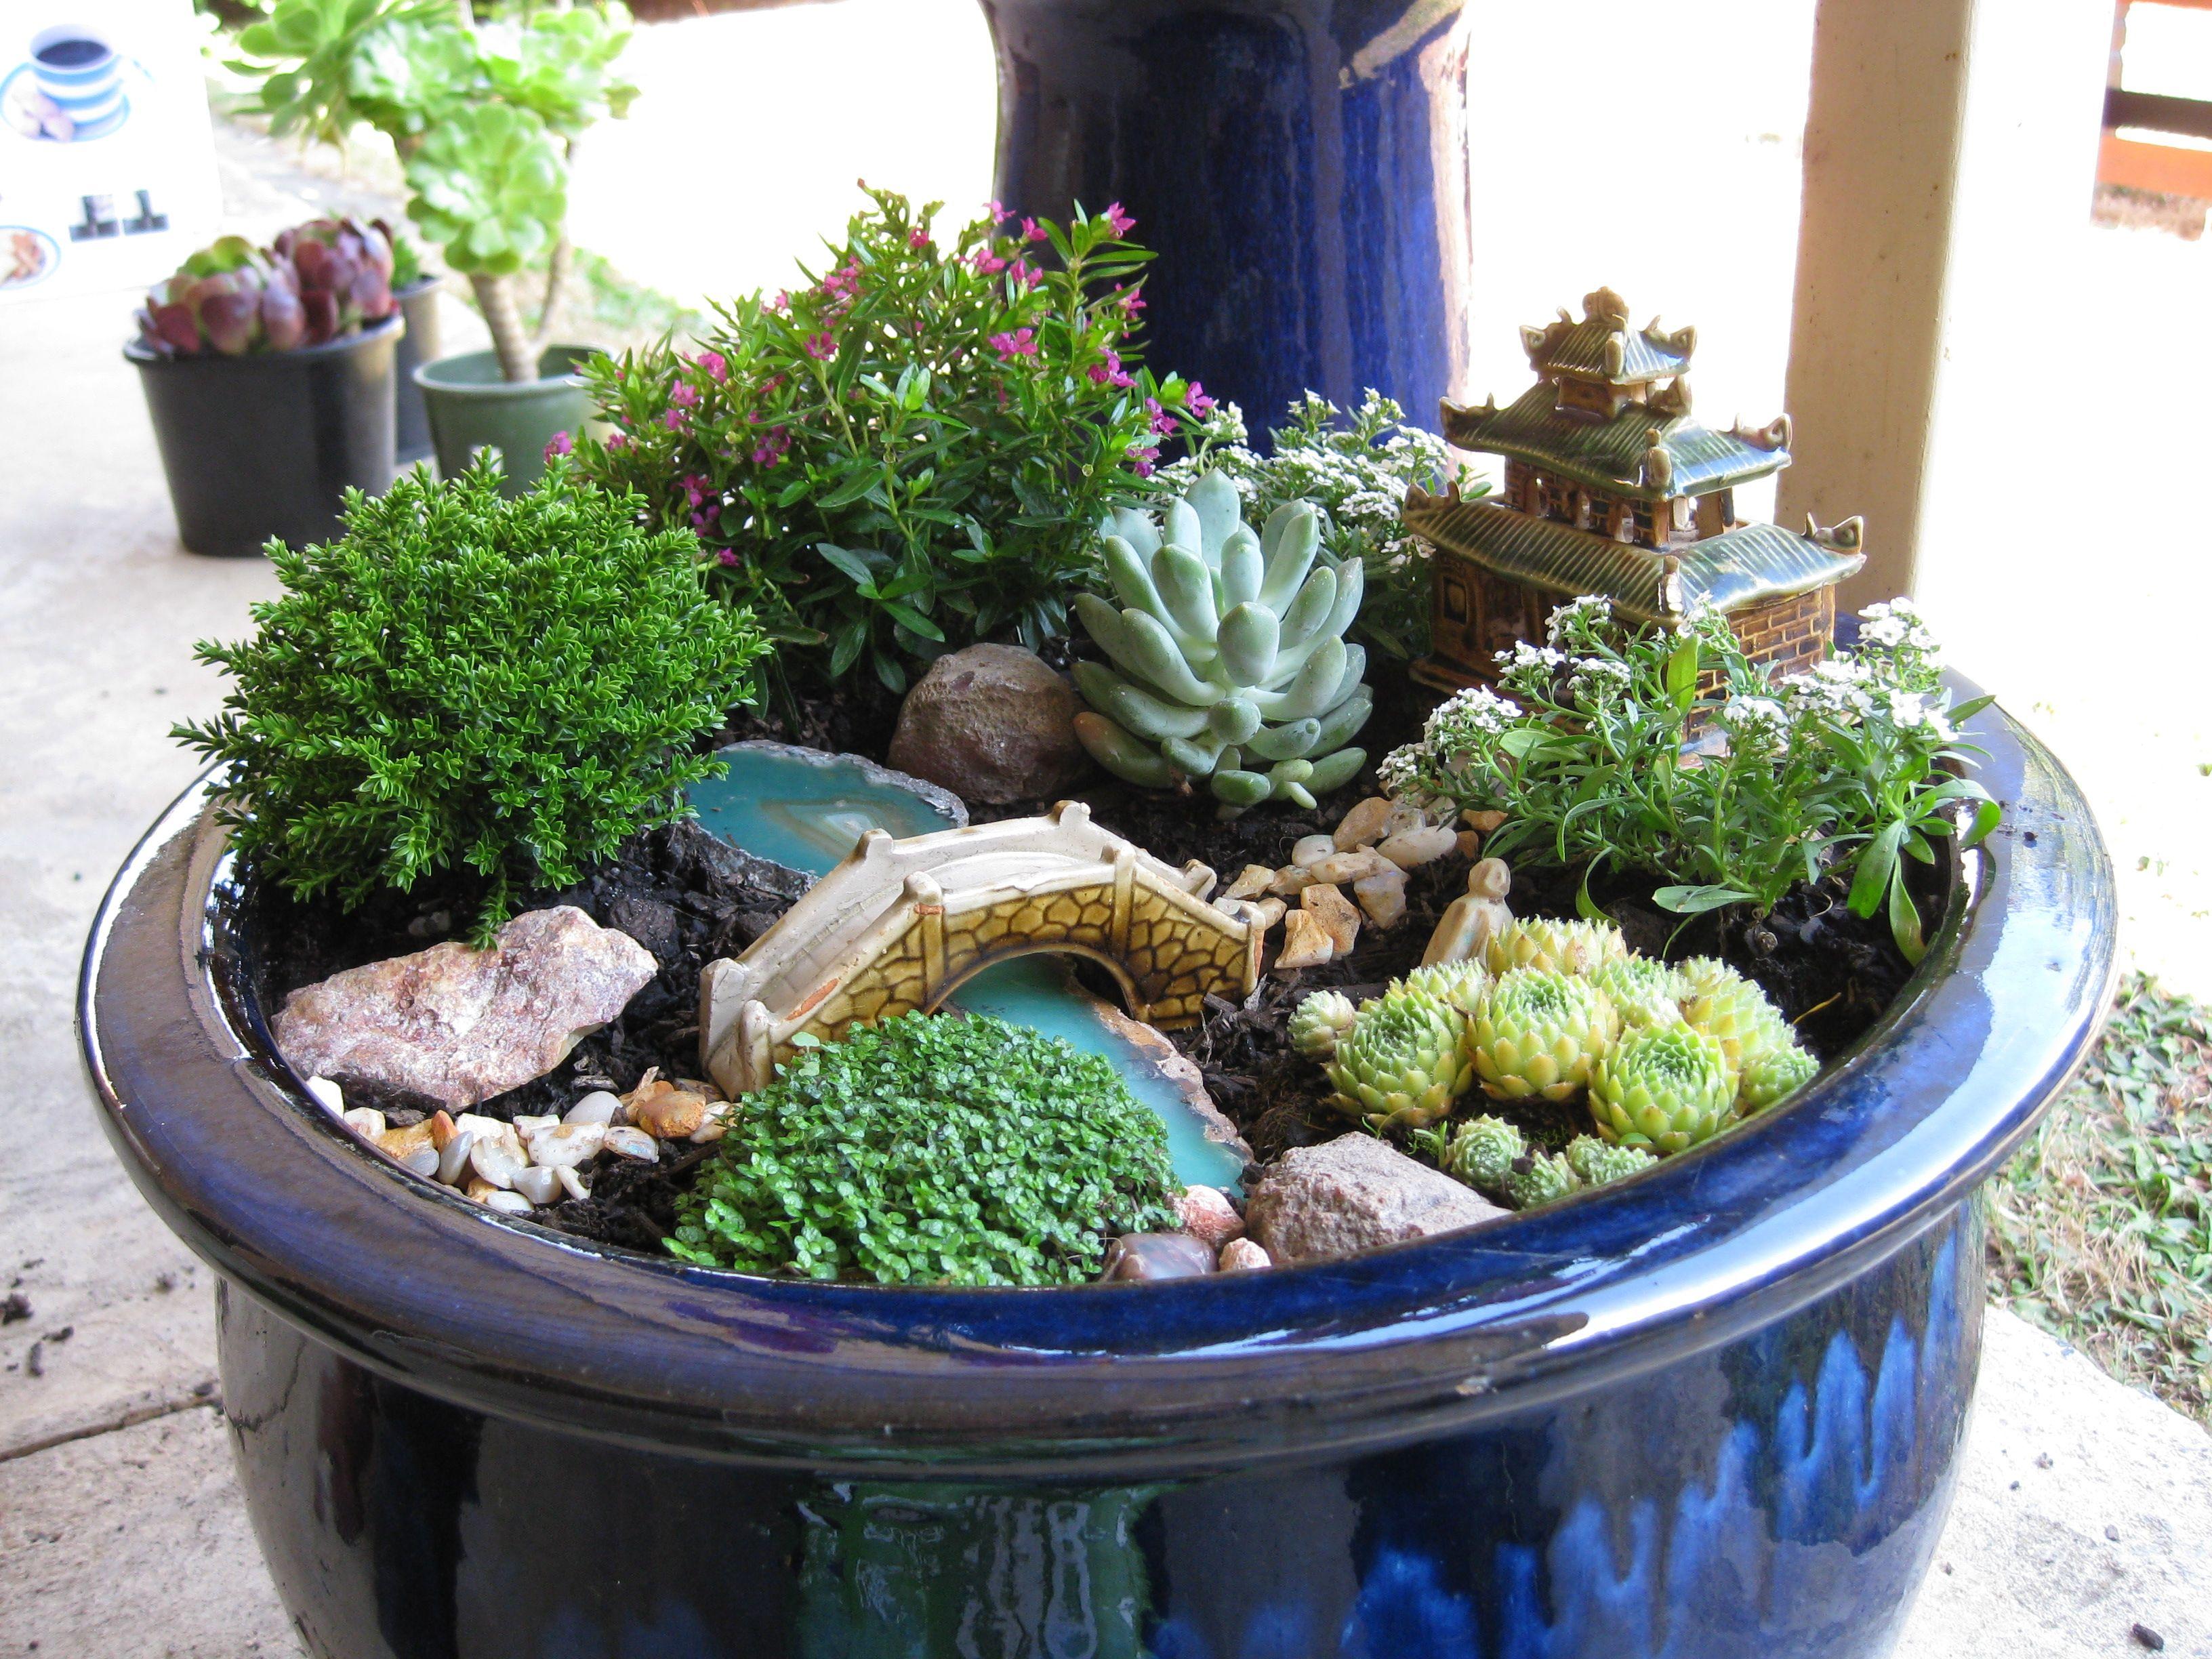 Fairy Garden Or Gnome Garden Idea From A Broken Terra Cotta Pot With Succulents Perfect For Any Small Japanese Garden Miniature Zen Garden Fairy Garden Plants